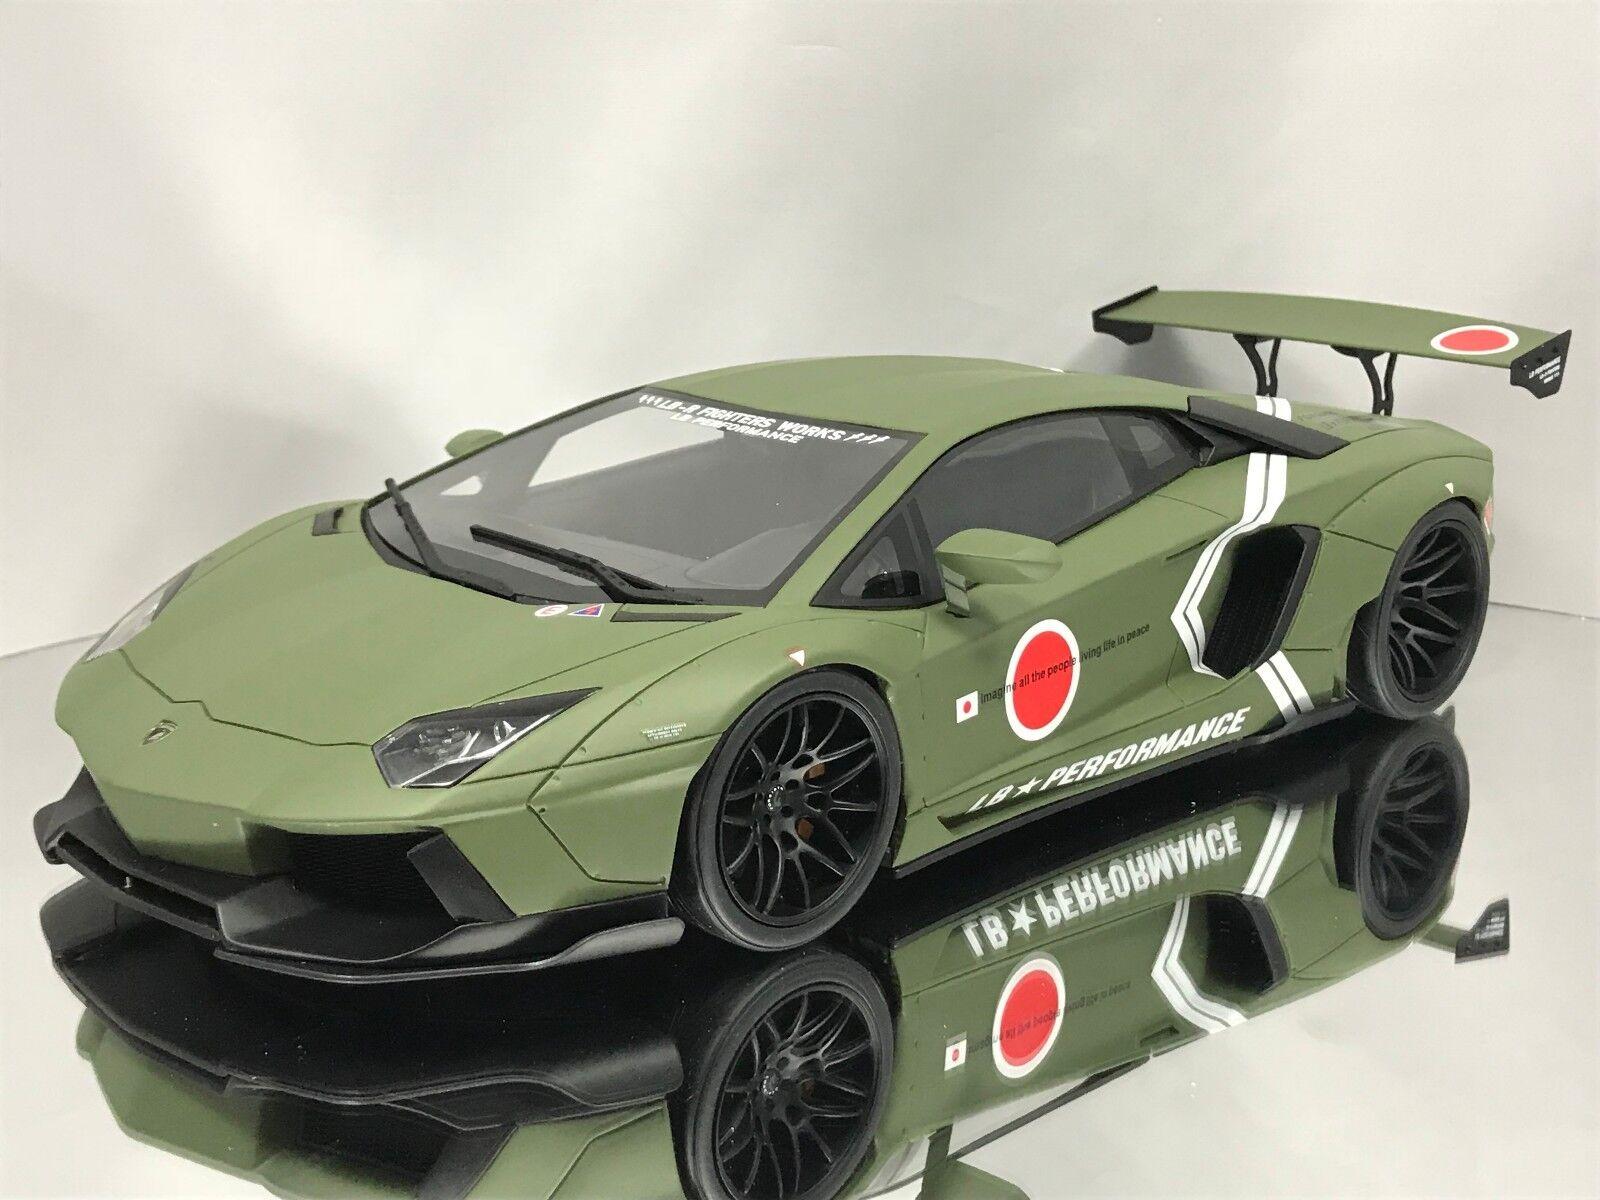 miglior servizio GT Spirit Spirit Spirit   Kyosho LB Perforuomoce Lamborghini Aventador LP 700-4 Army verde 1 18  vanno a ruba